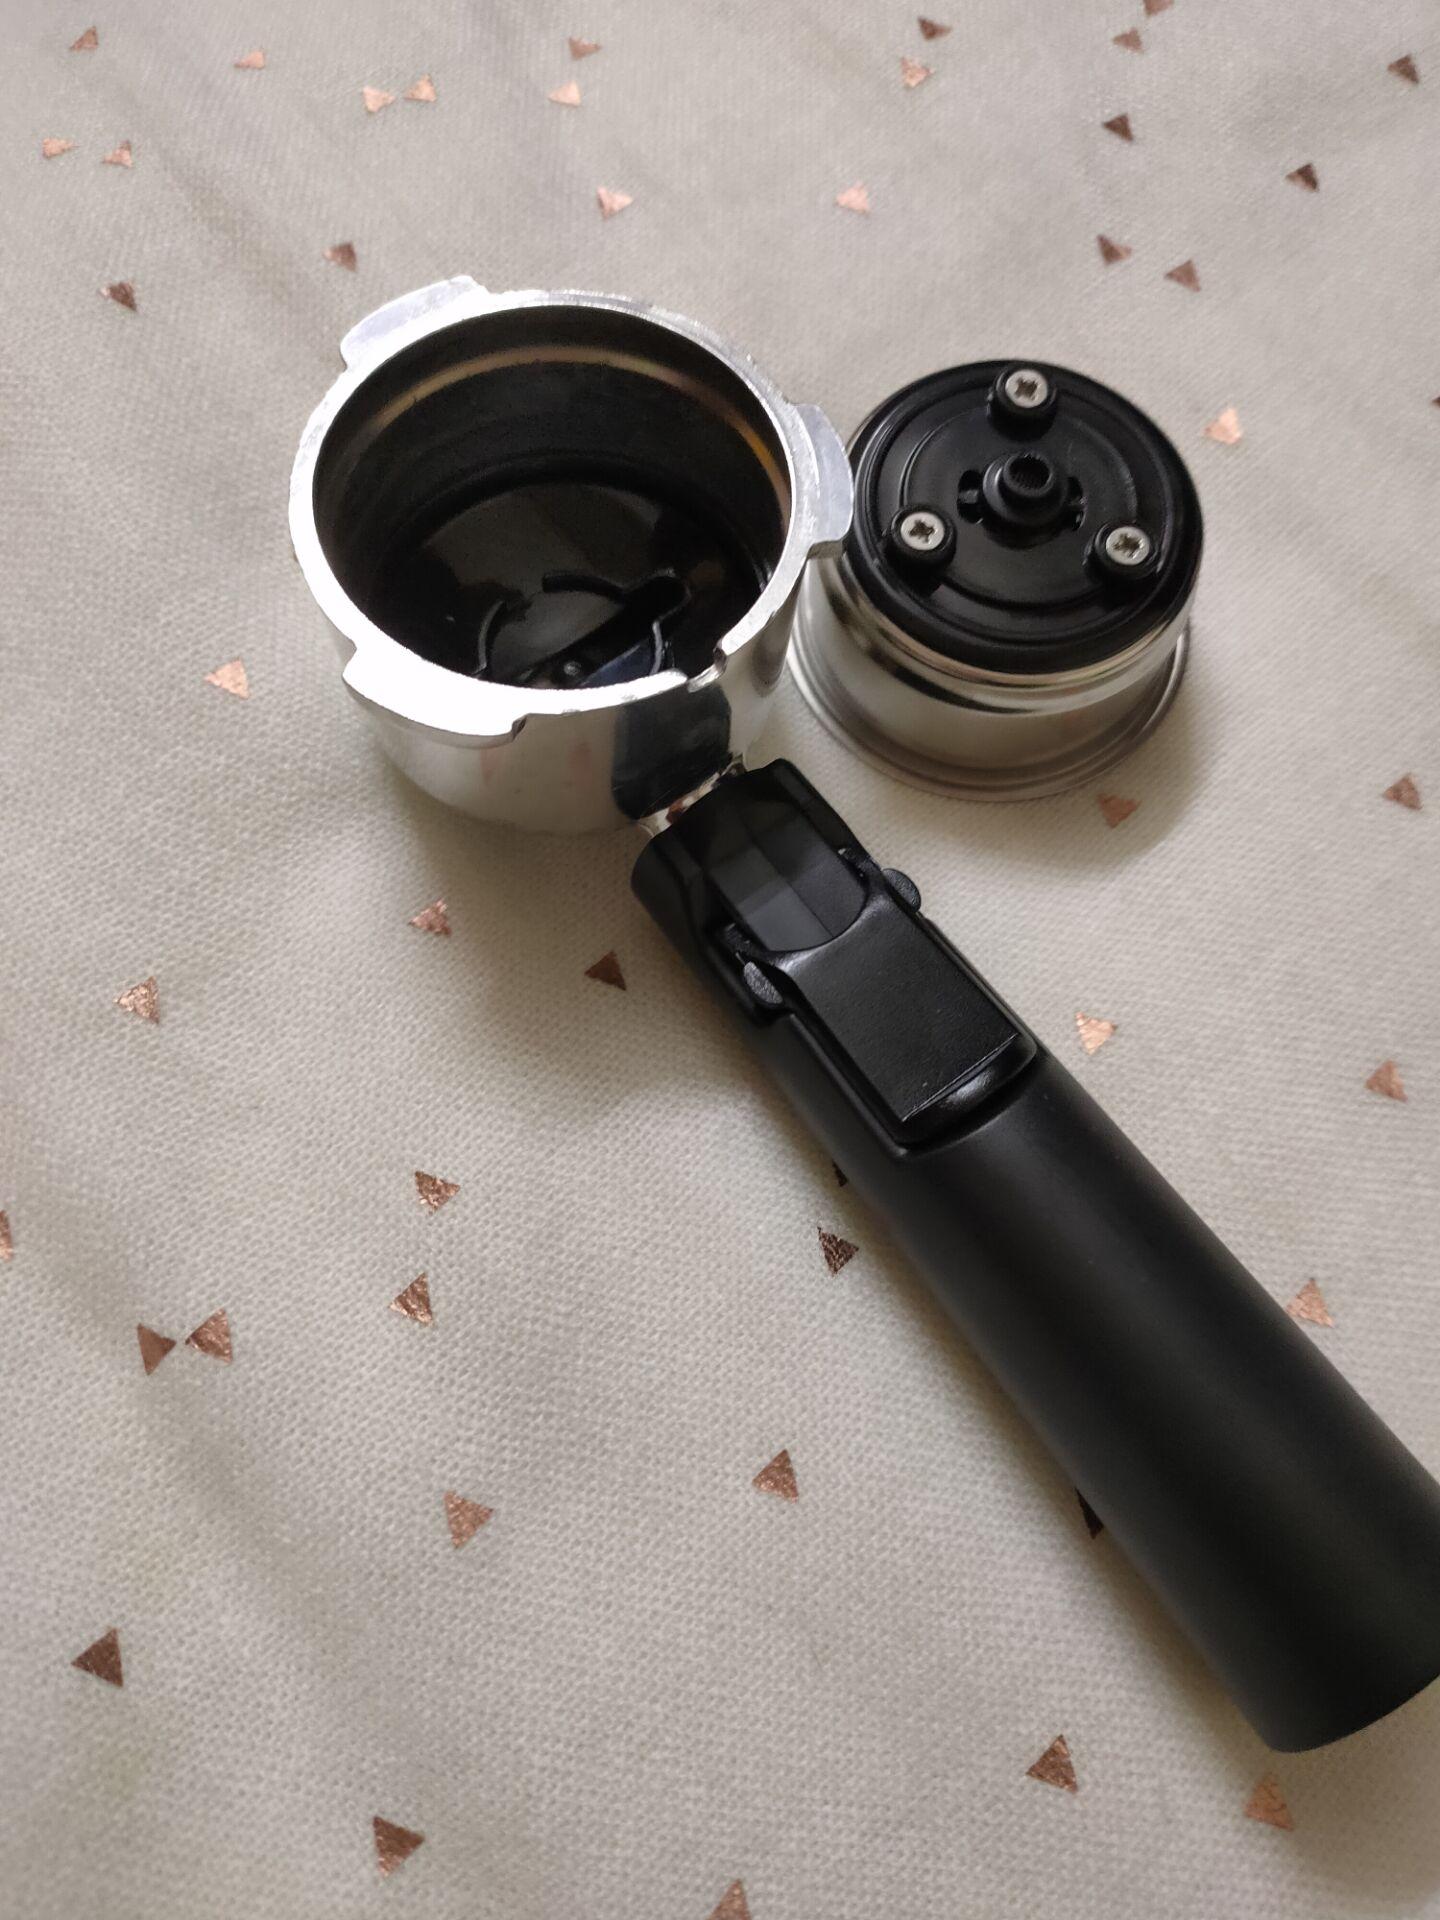 مقبض المرشح الأصلي لقطع غيار ماكينة القهوة المنزلية, مقبض المرشح الأصلي لأجزاء ماكينة القهوة المنزلية Kf6001 Kf7001 Kf8001 Kf5002 Kf500S Cm4621 Cm4216 Homever